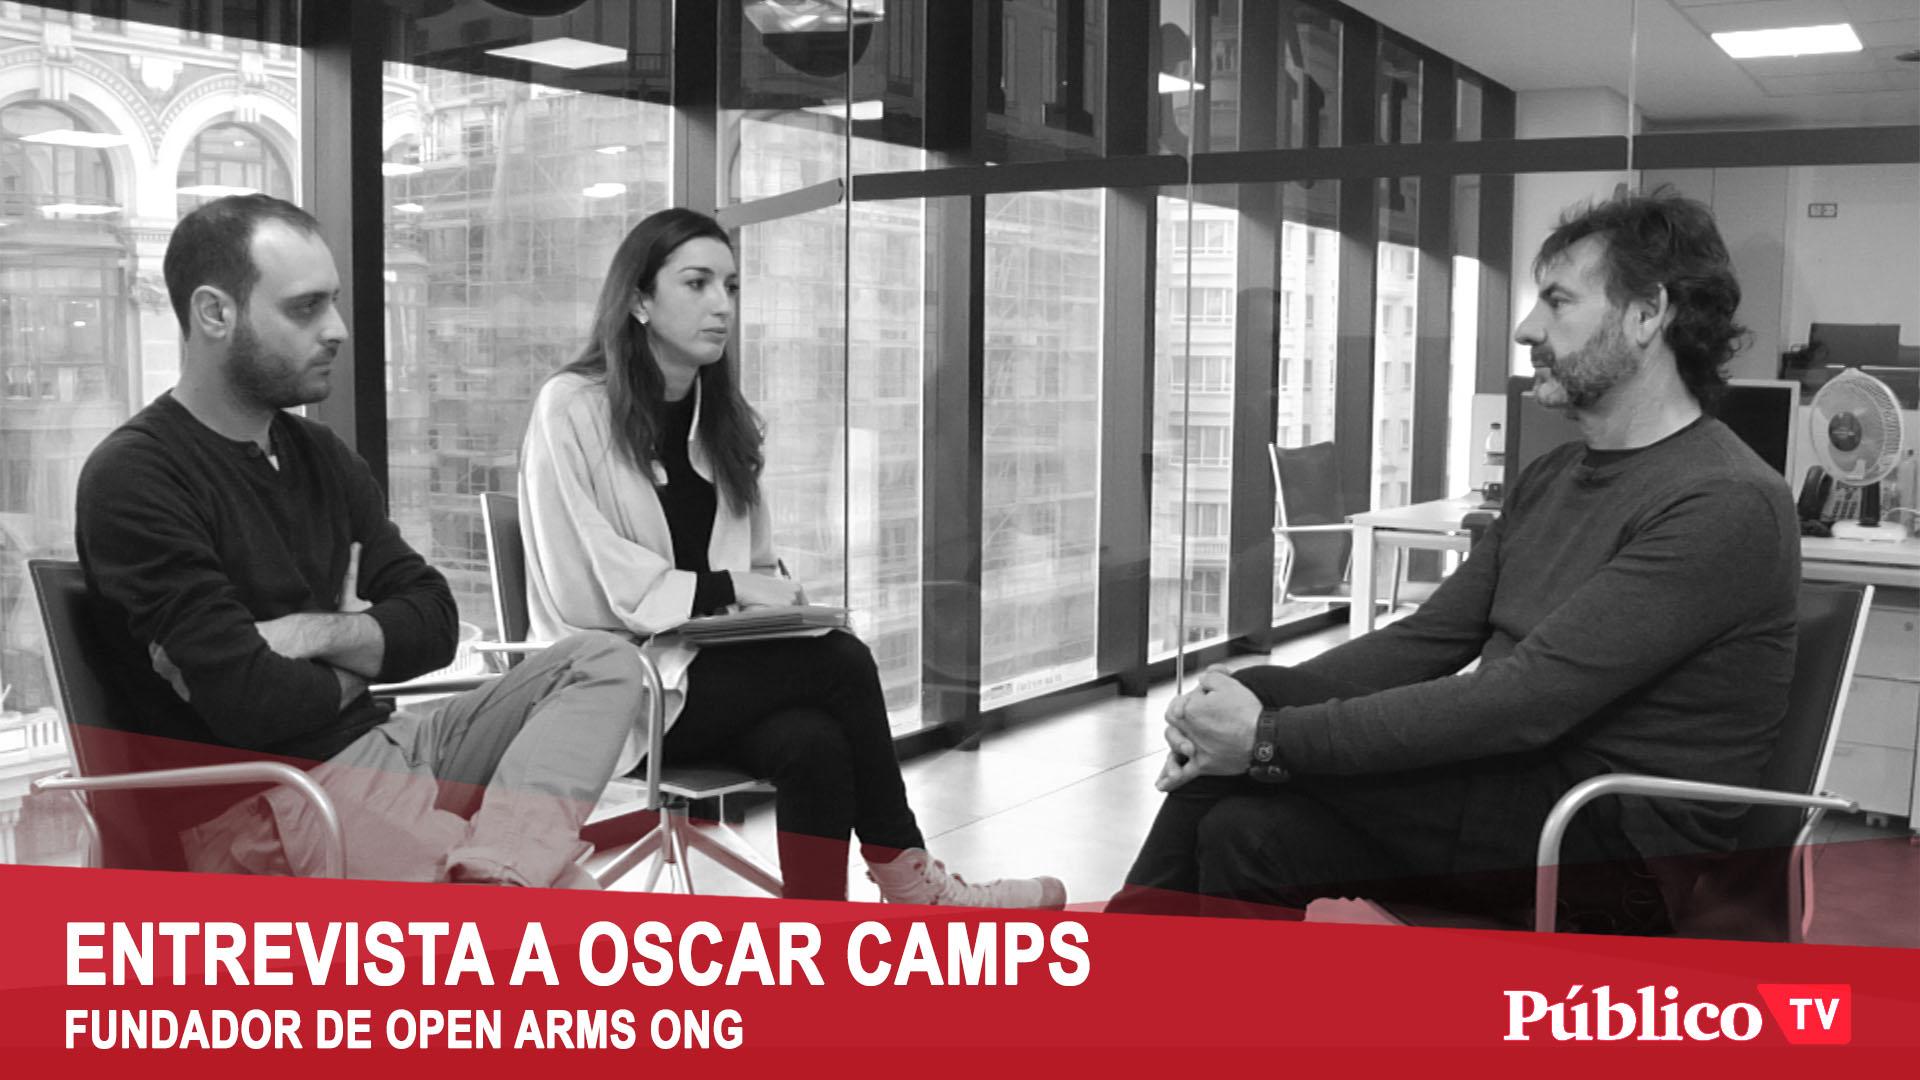 Oscar Camps – «Quien realmente paga para frenar o cambiar los flujos migratorios son los estados…»